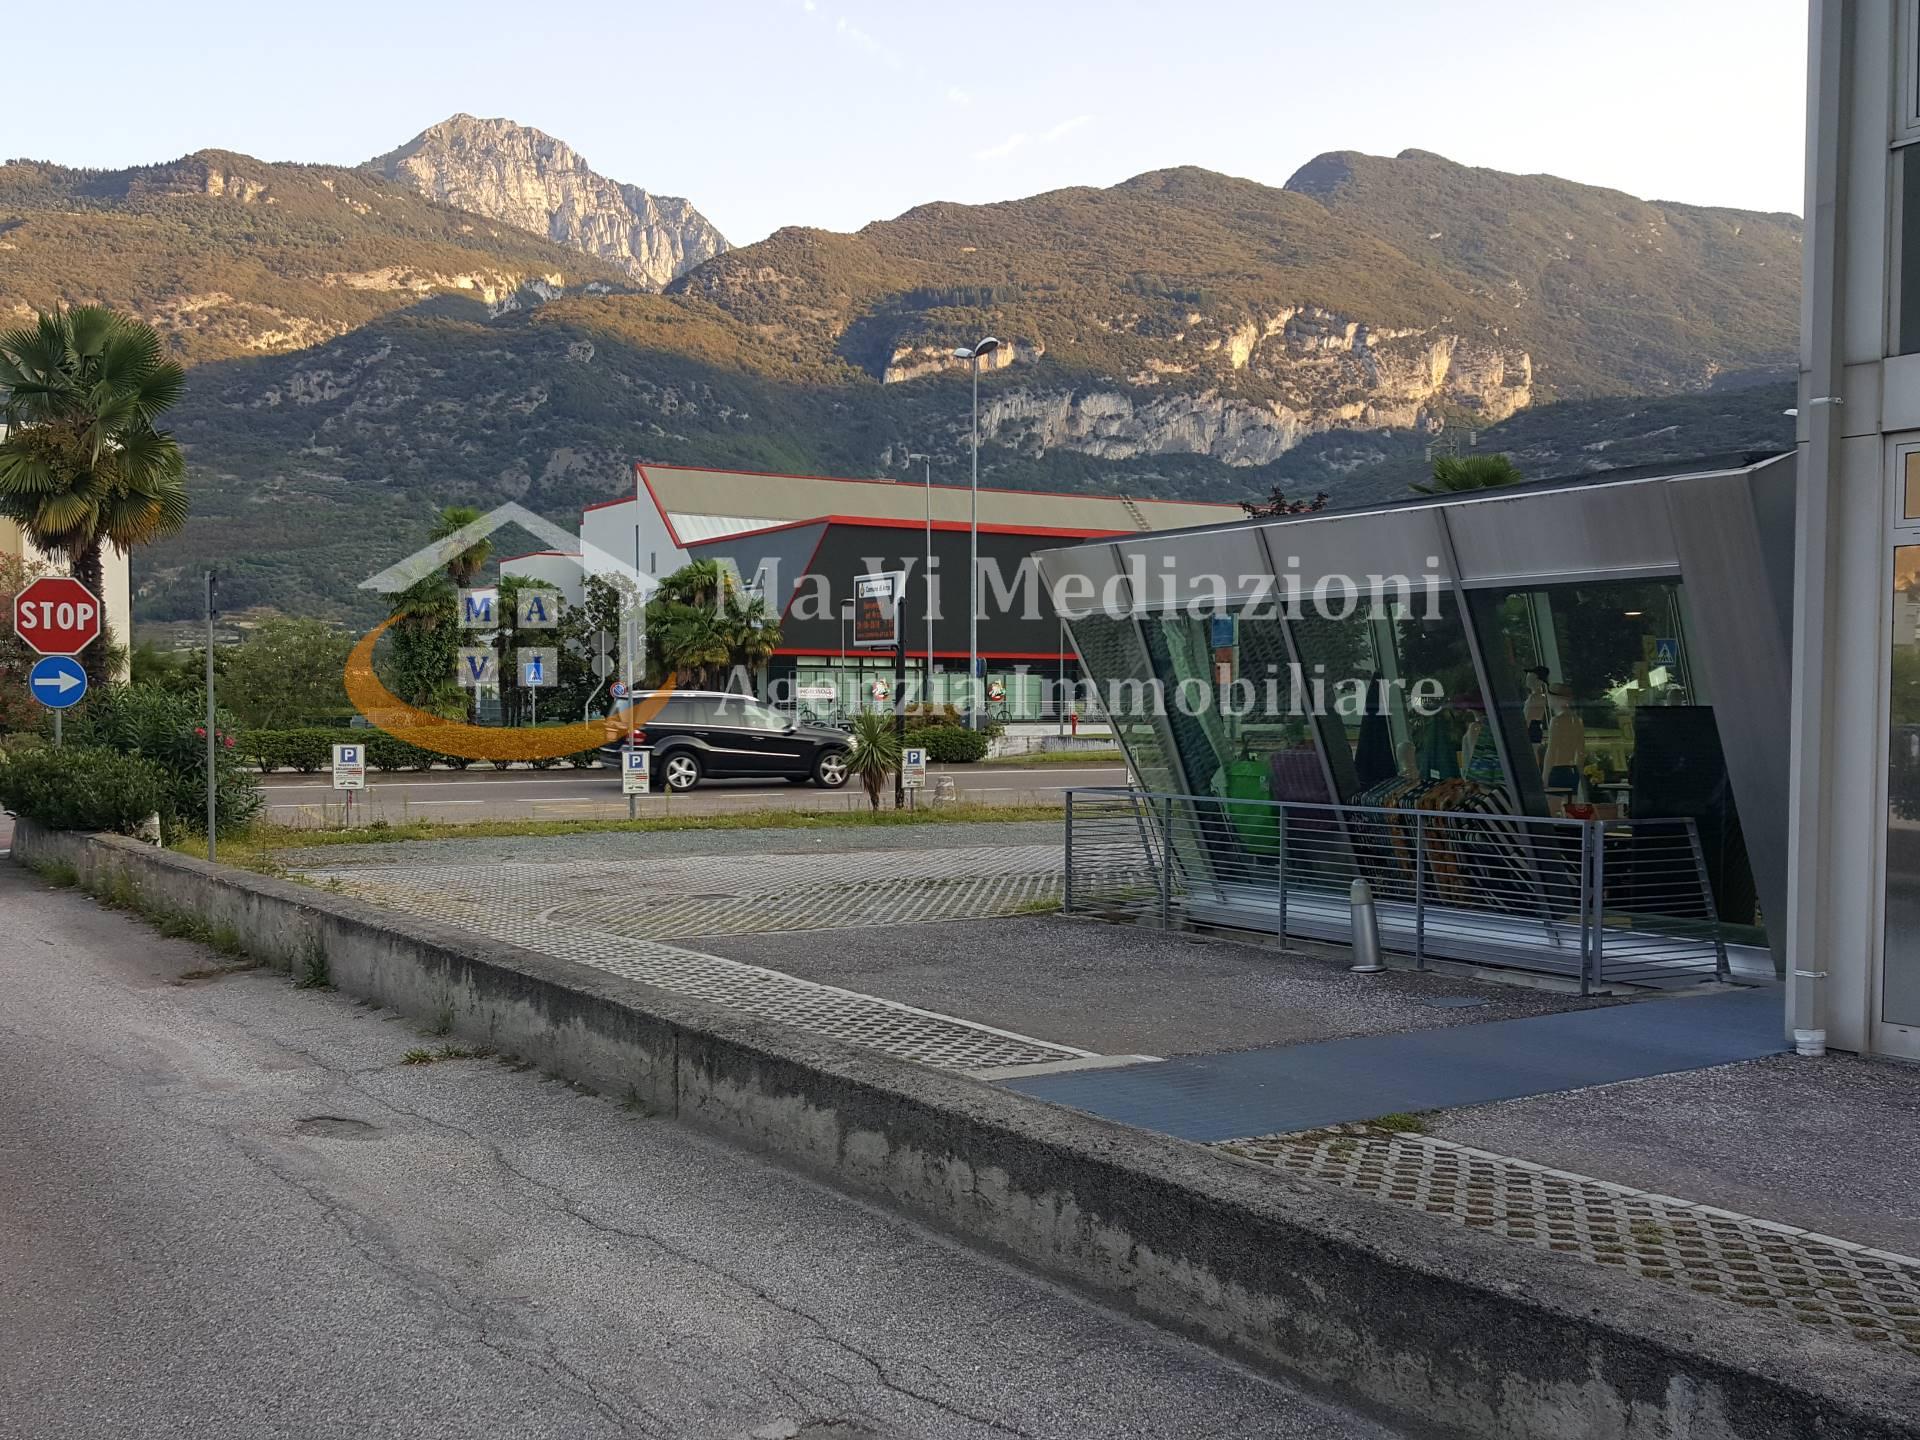 Negozio / Locale in vendita a Arco, 9999 locali, Trattative riservate   CambioCasa.it